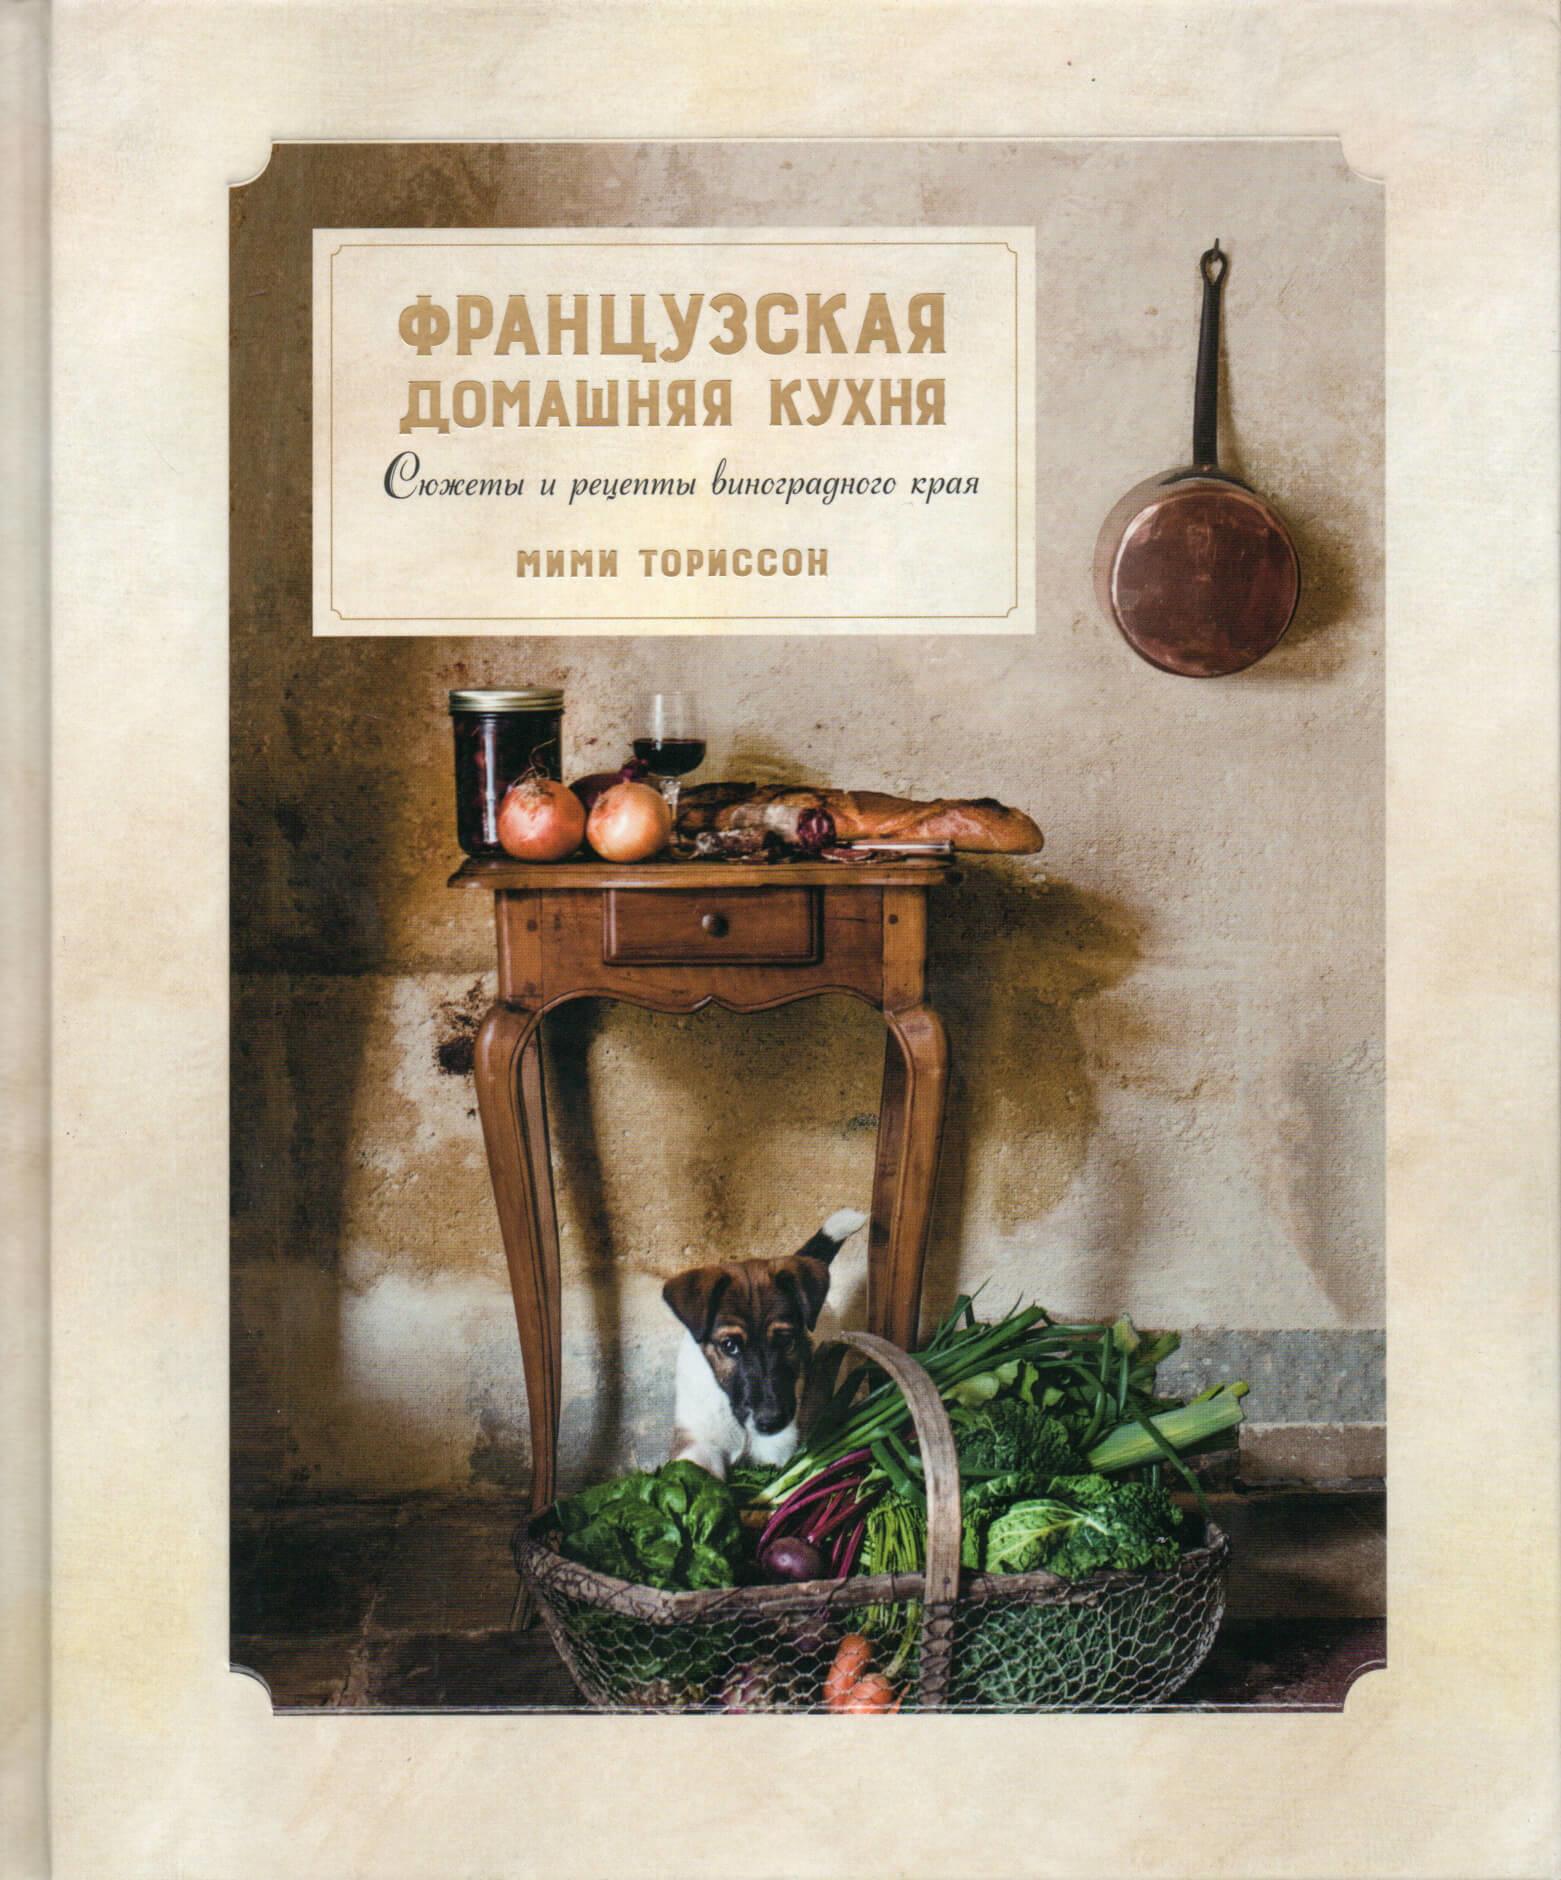 Французская домашняя кухня. Сюжеты и рецепты виноградного края. Автор — Мими Ториссон. Переплет —